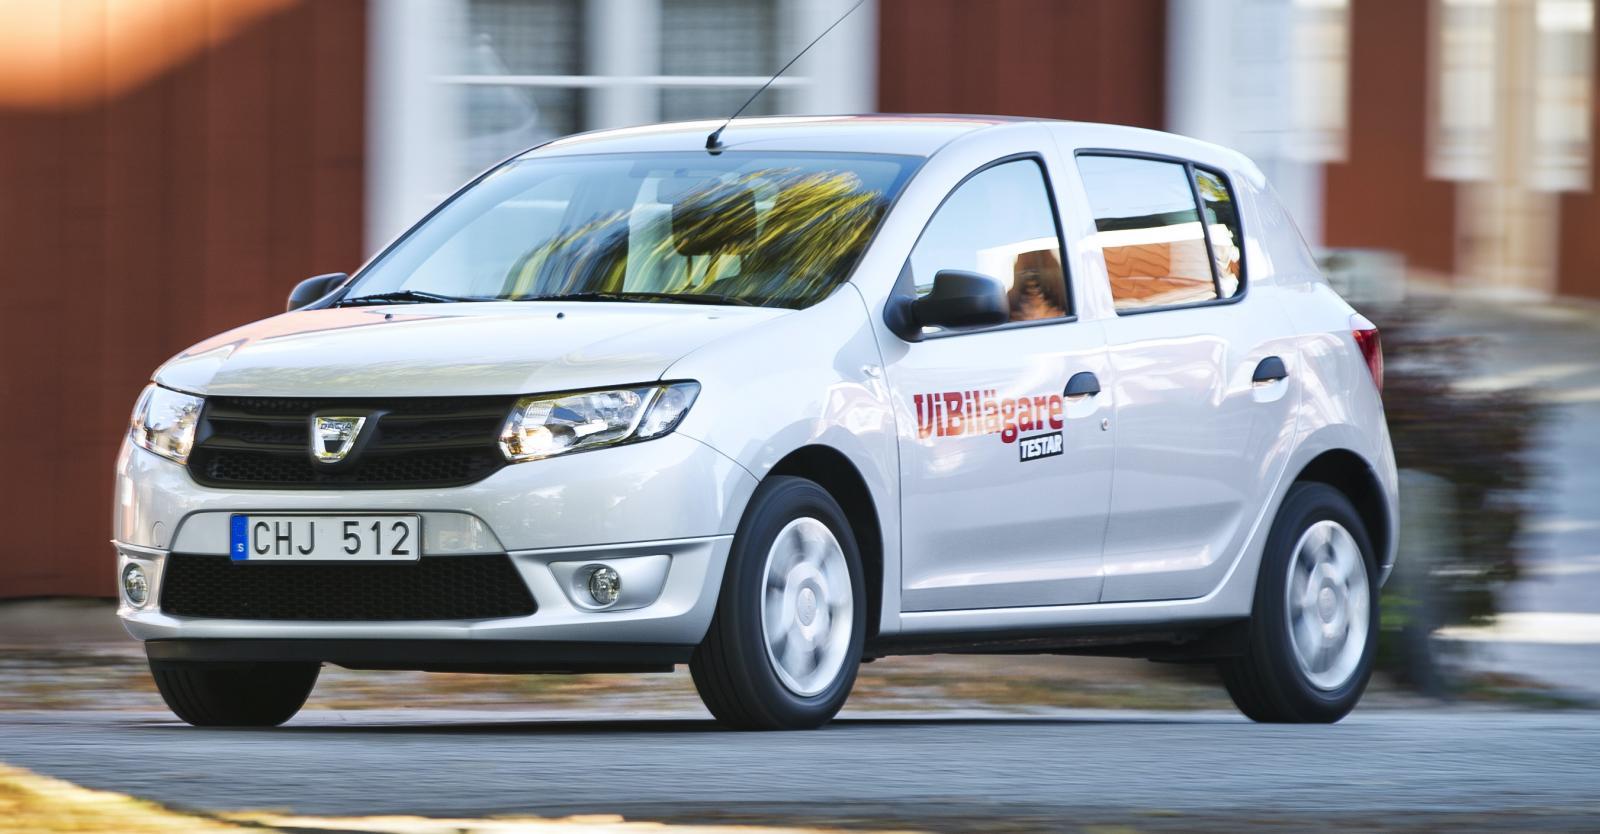 Dacia Sandero har visserligen lägst månadskostnad i vår jämförelse, men det krävs en kontantinsats. Med den utslagen blir modellen inte längre billigast.